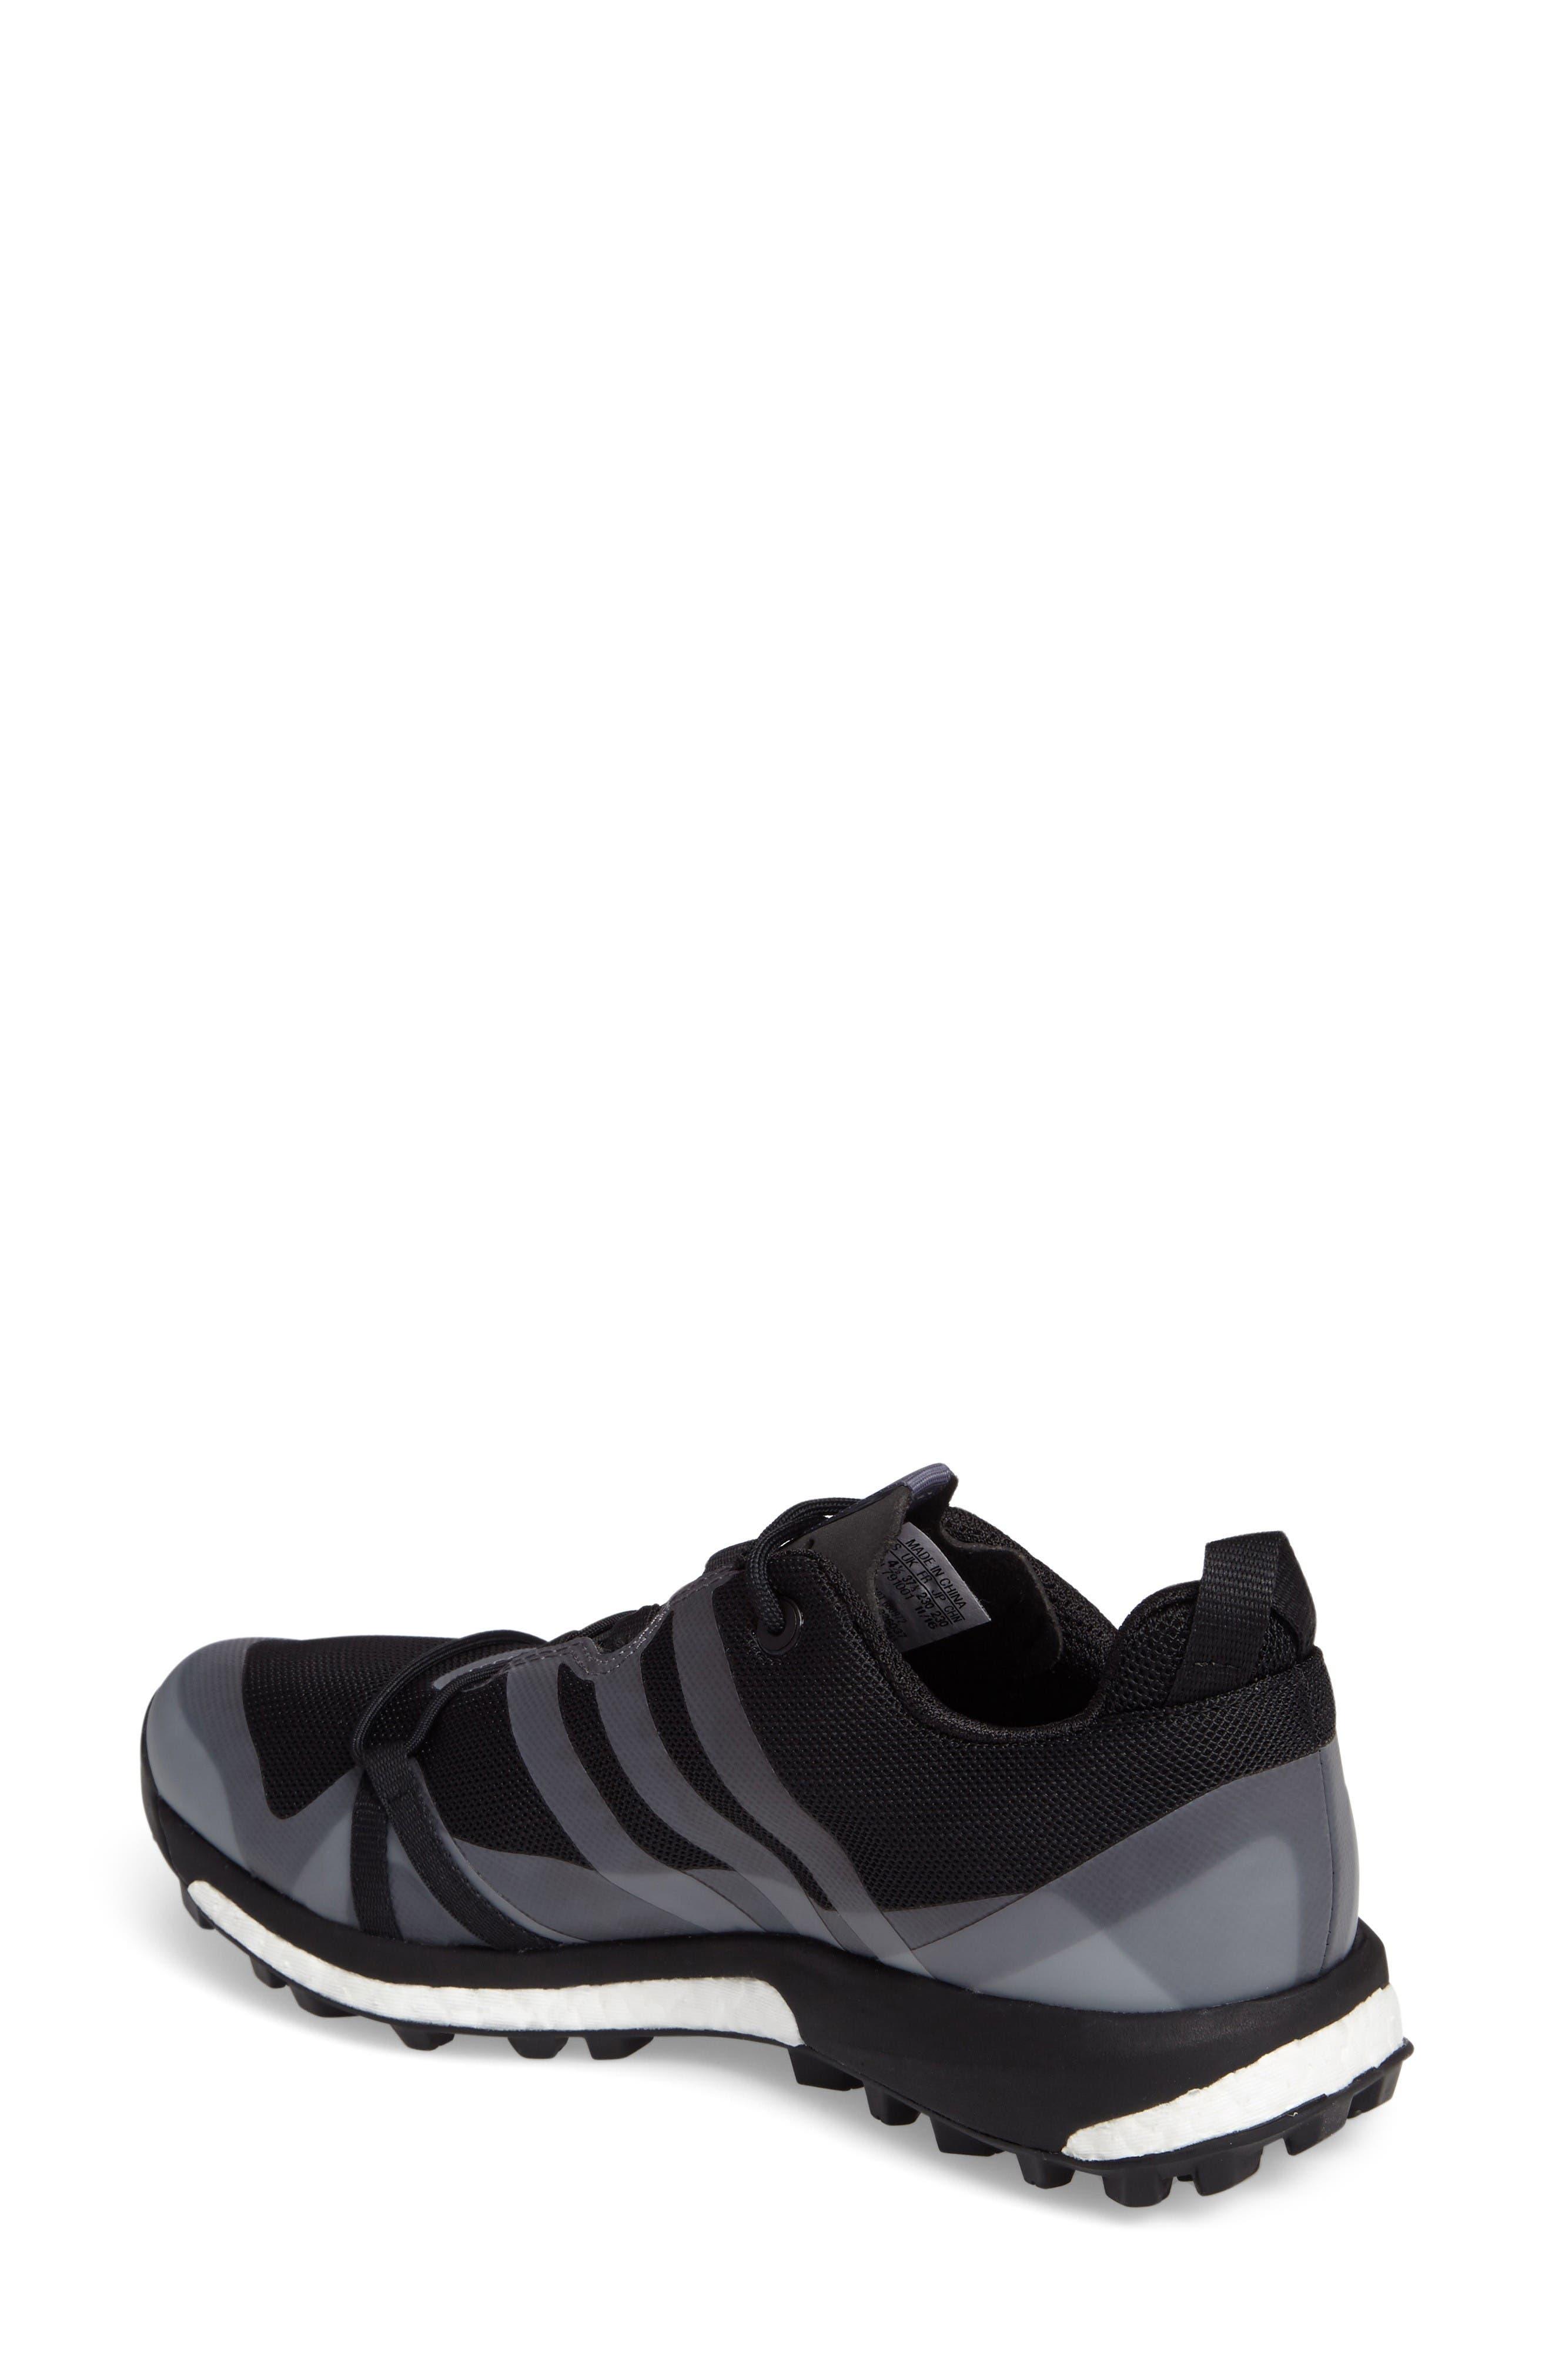 Alternate Image 2  - adidas Terrex Agravic GTX Hiking Shoe (Women)